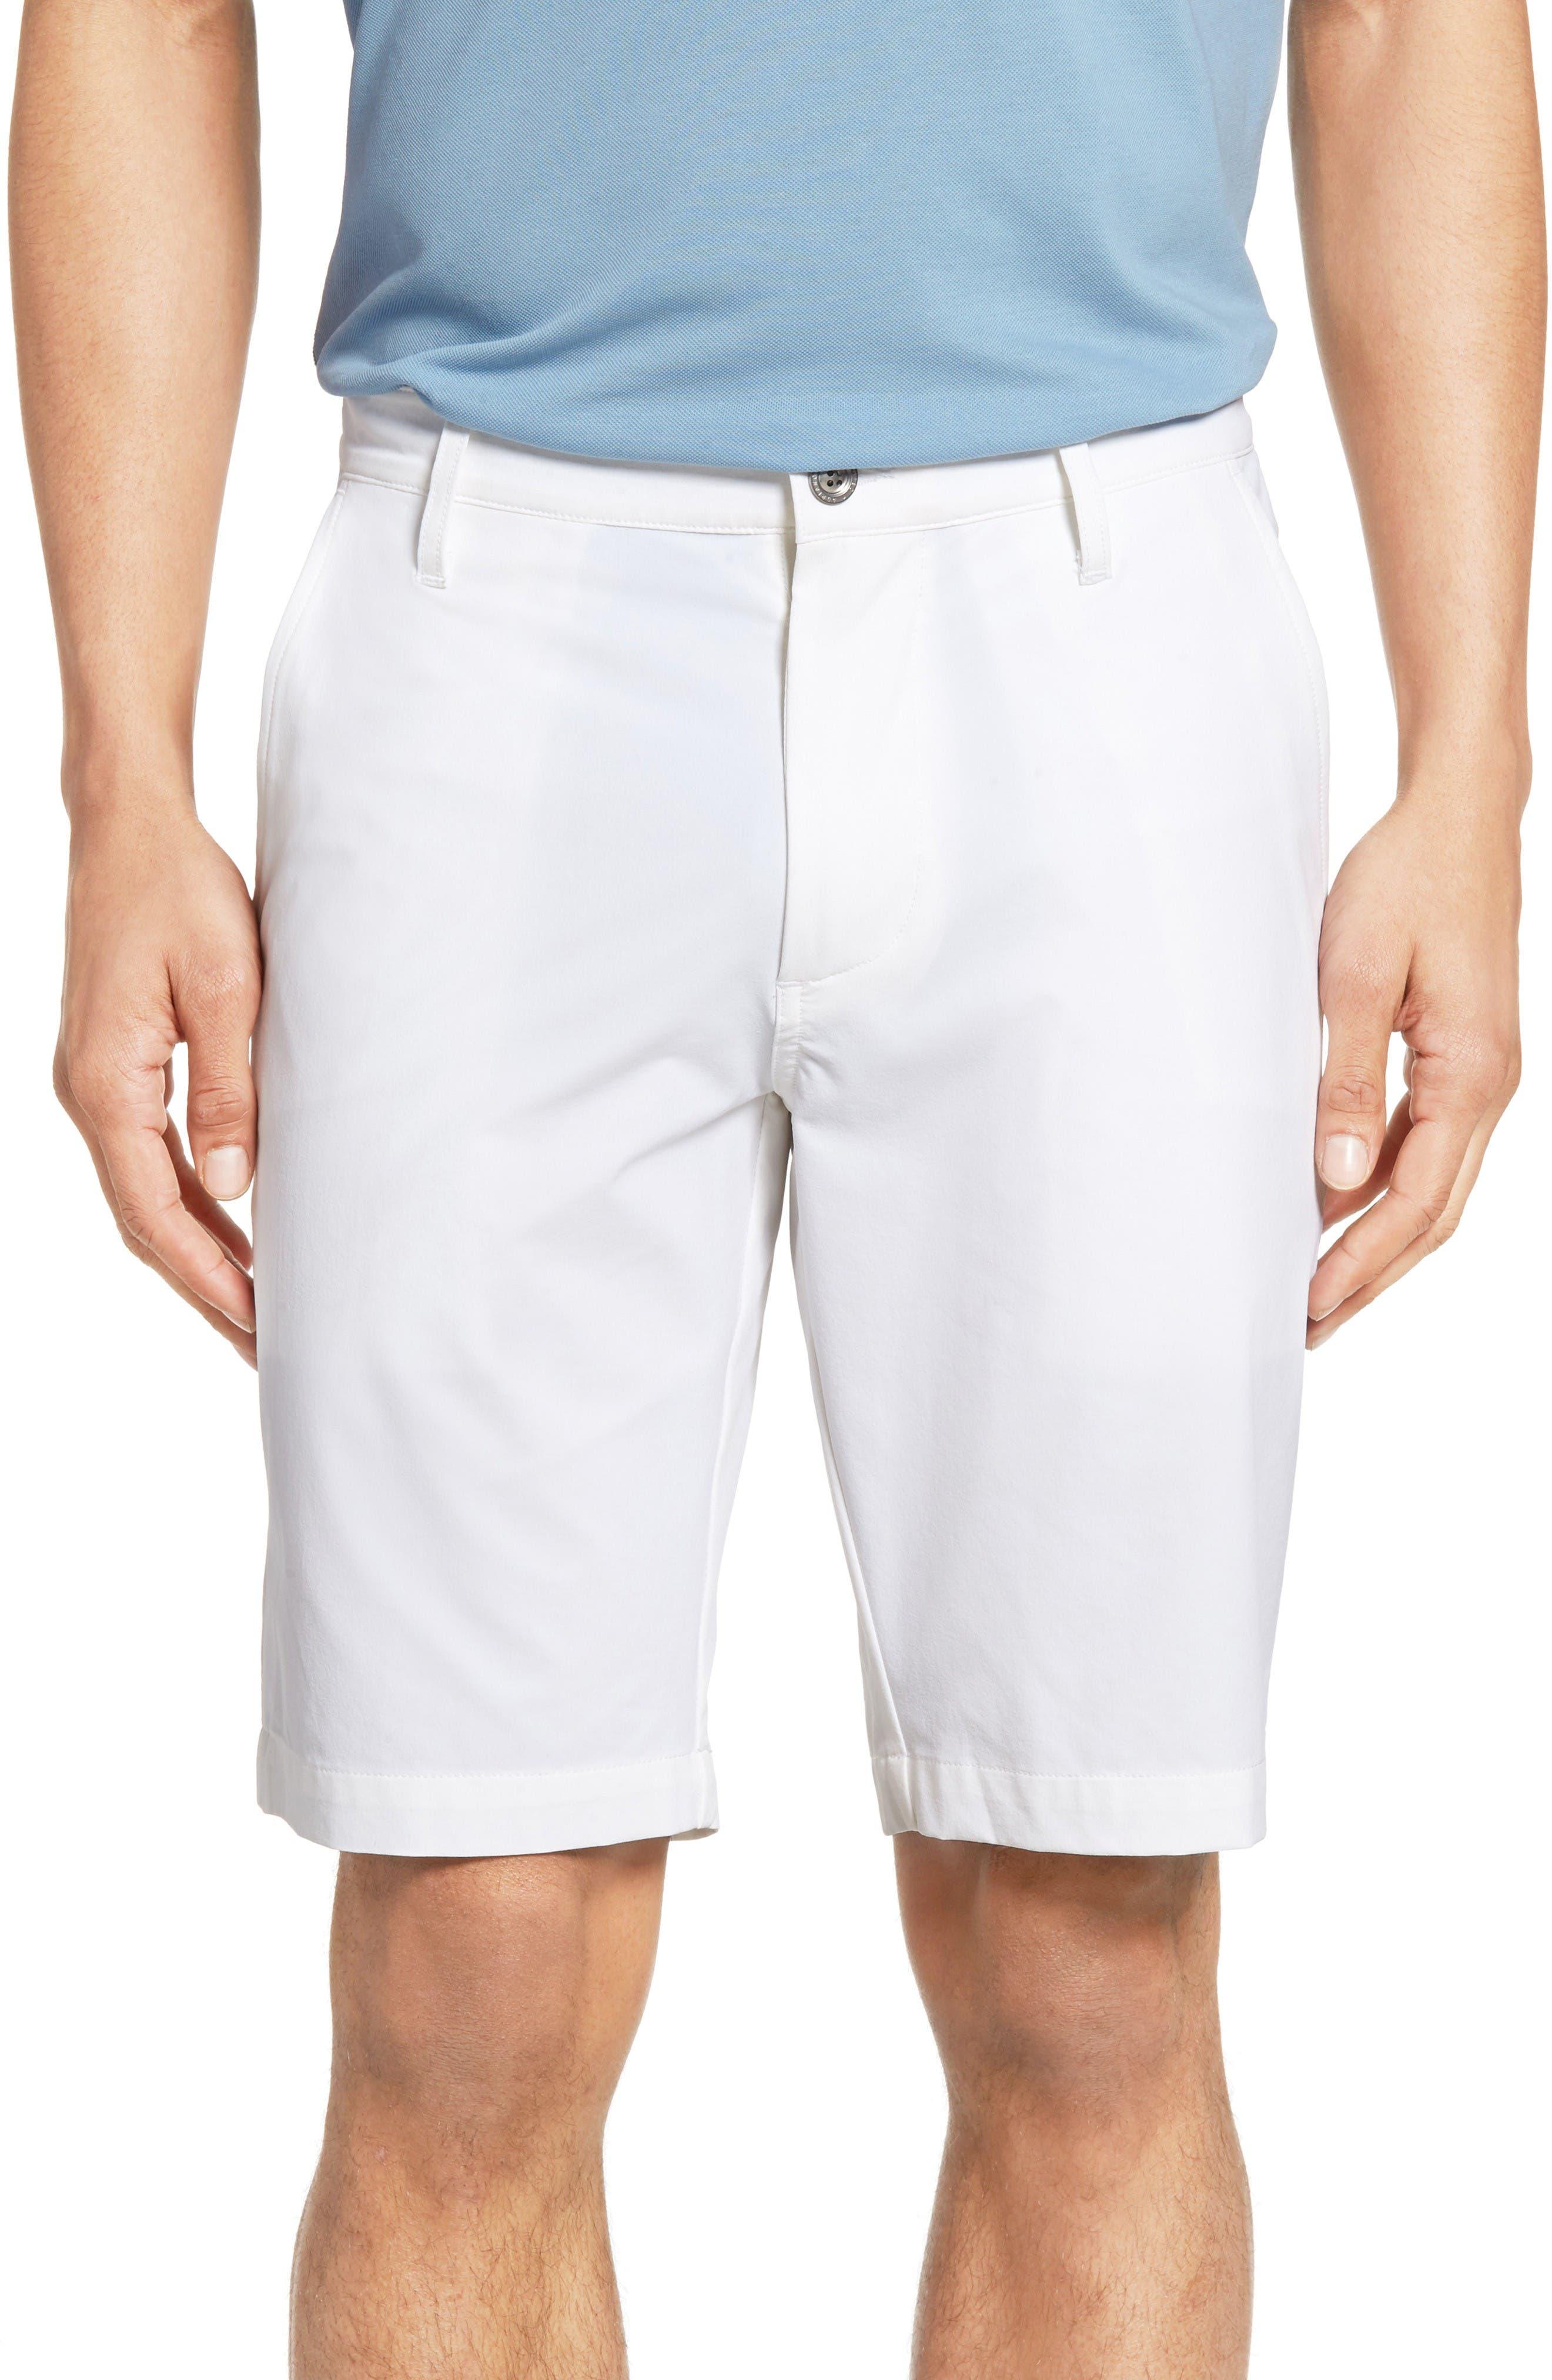 Canyon Shorts,                             Main thumbnail 1, color,                             Bright White